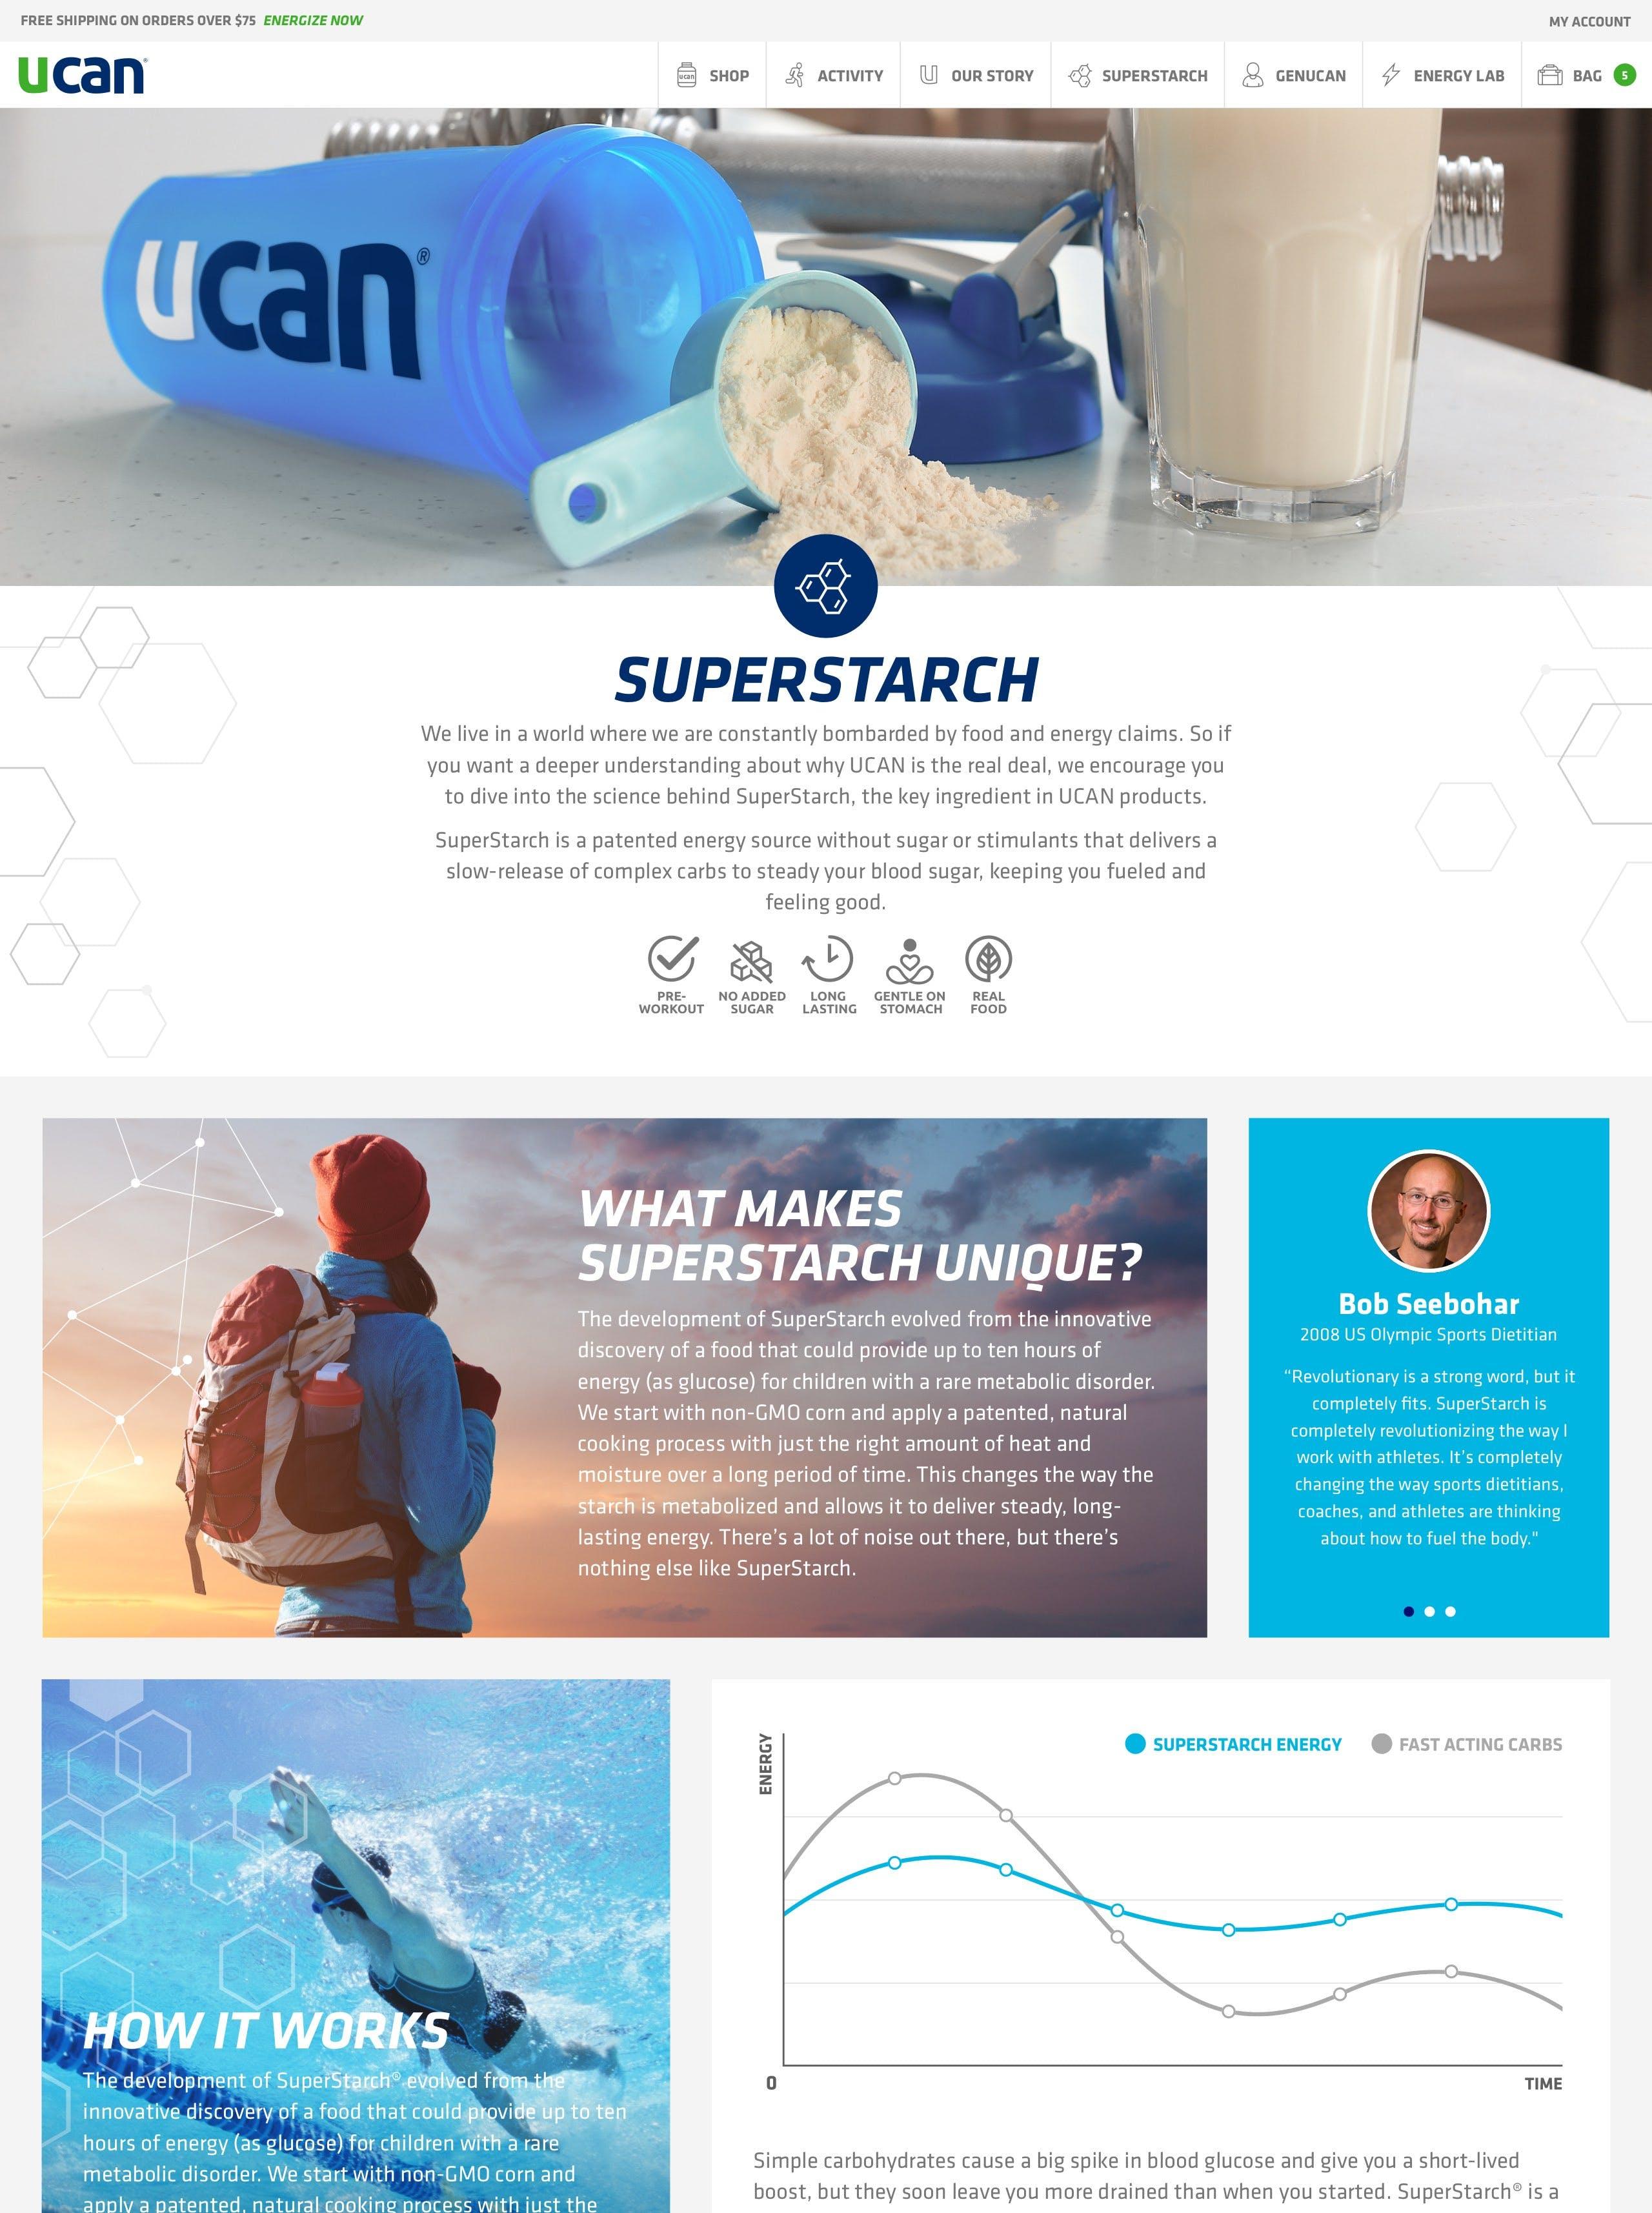 UCAN - Superstarch